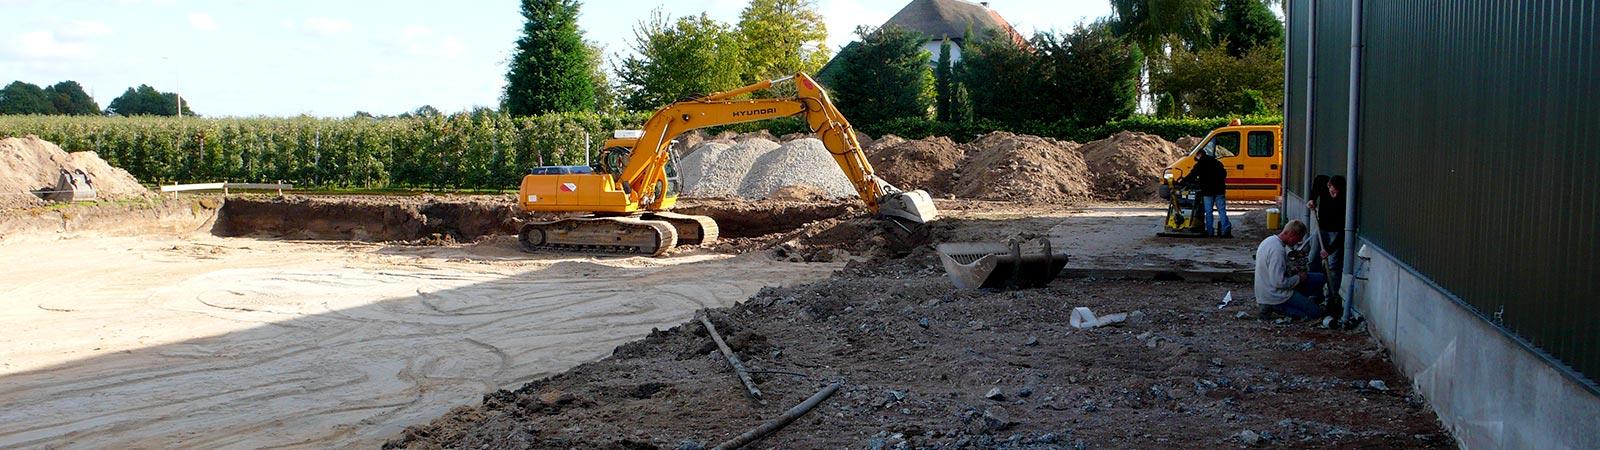 Grondverzetbedrijf - Nieuwbouw Van Haarlem Buurmalsen